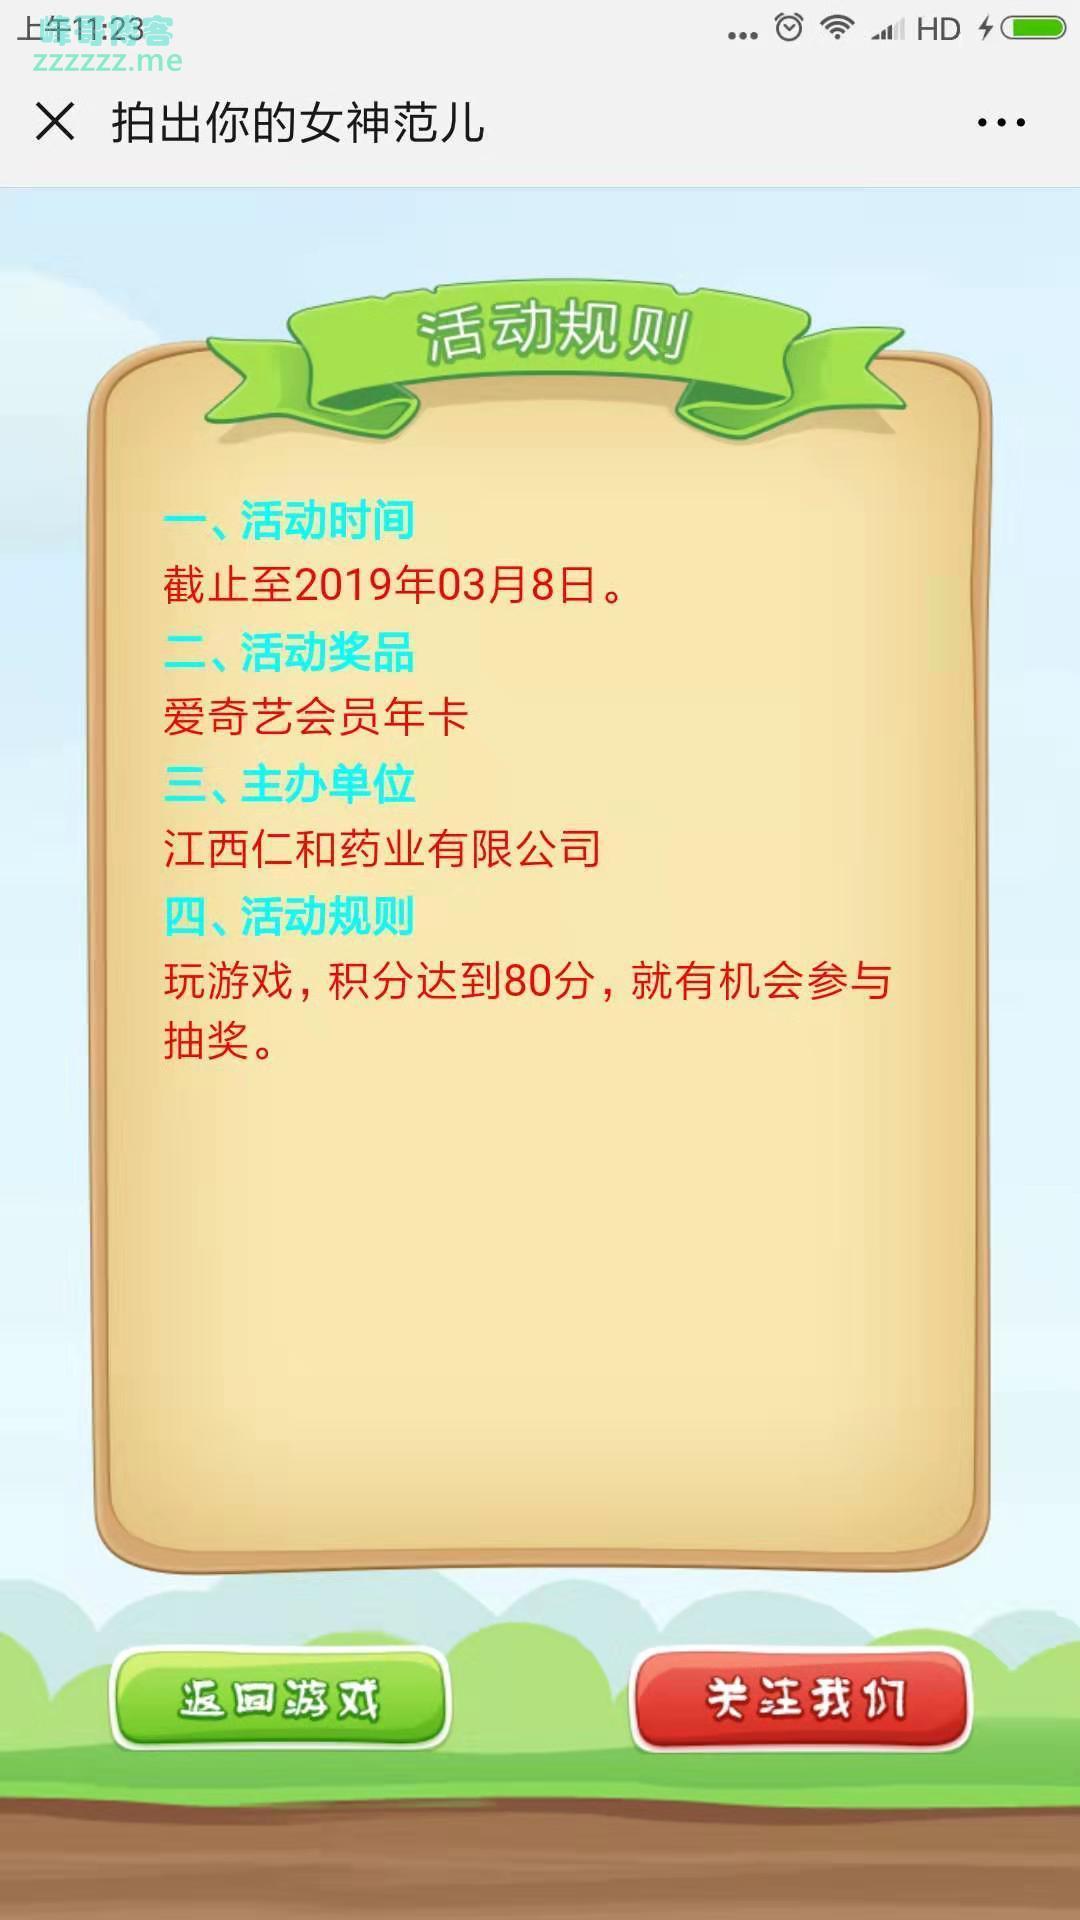 < 妇炎洁>37女生节!壕礼送不停(截止3月8日)